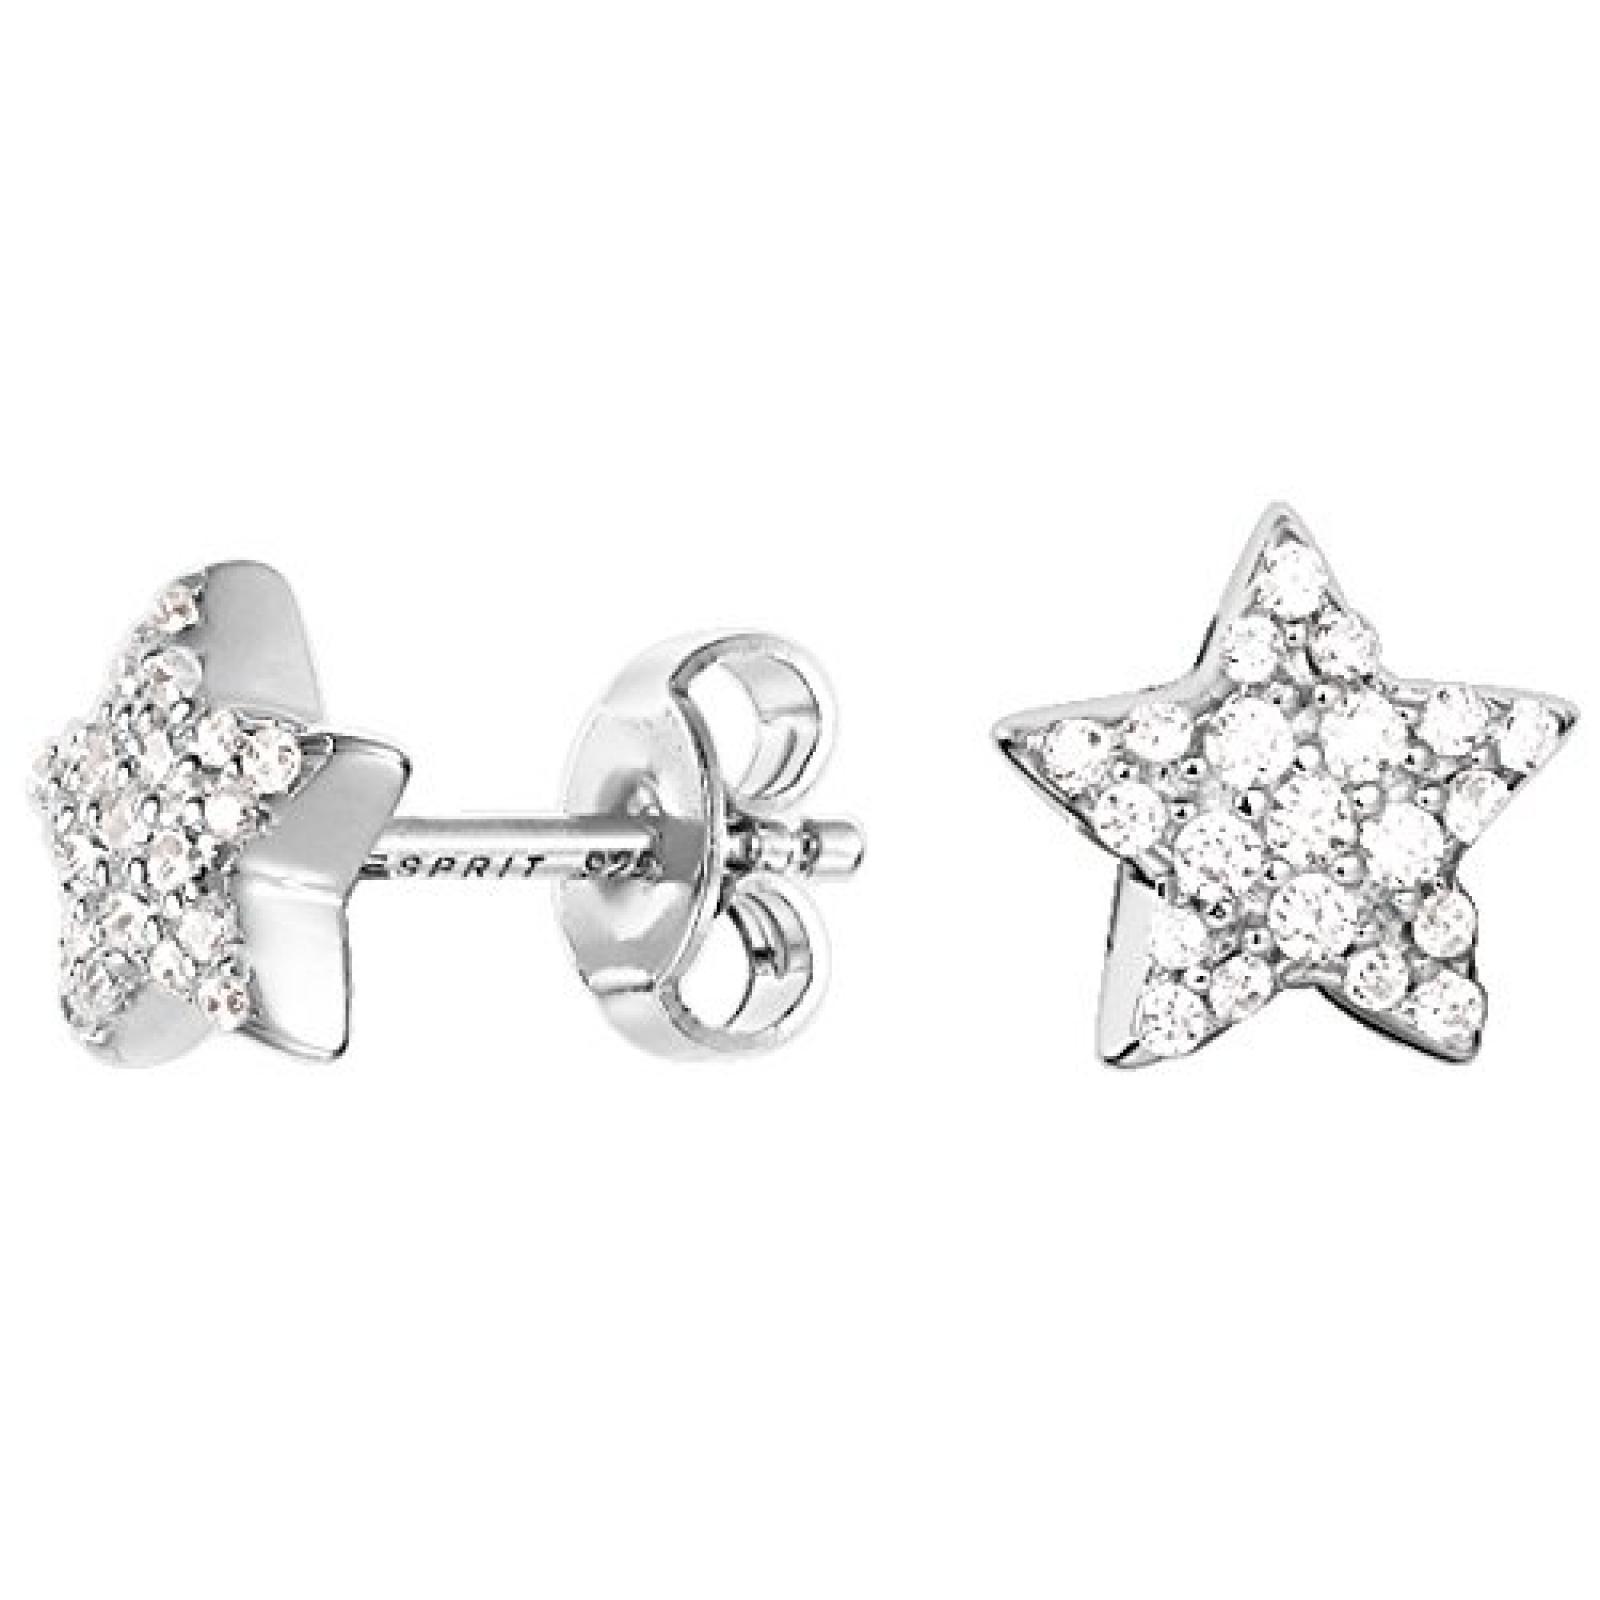 Esprit Damen-Ohrstecker 925 Sterling Silber Zirkonia Petite ESER92692A000